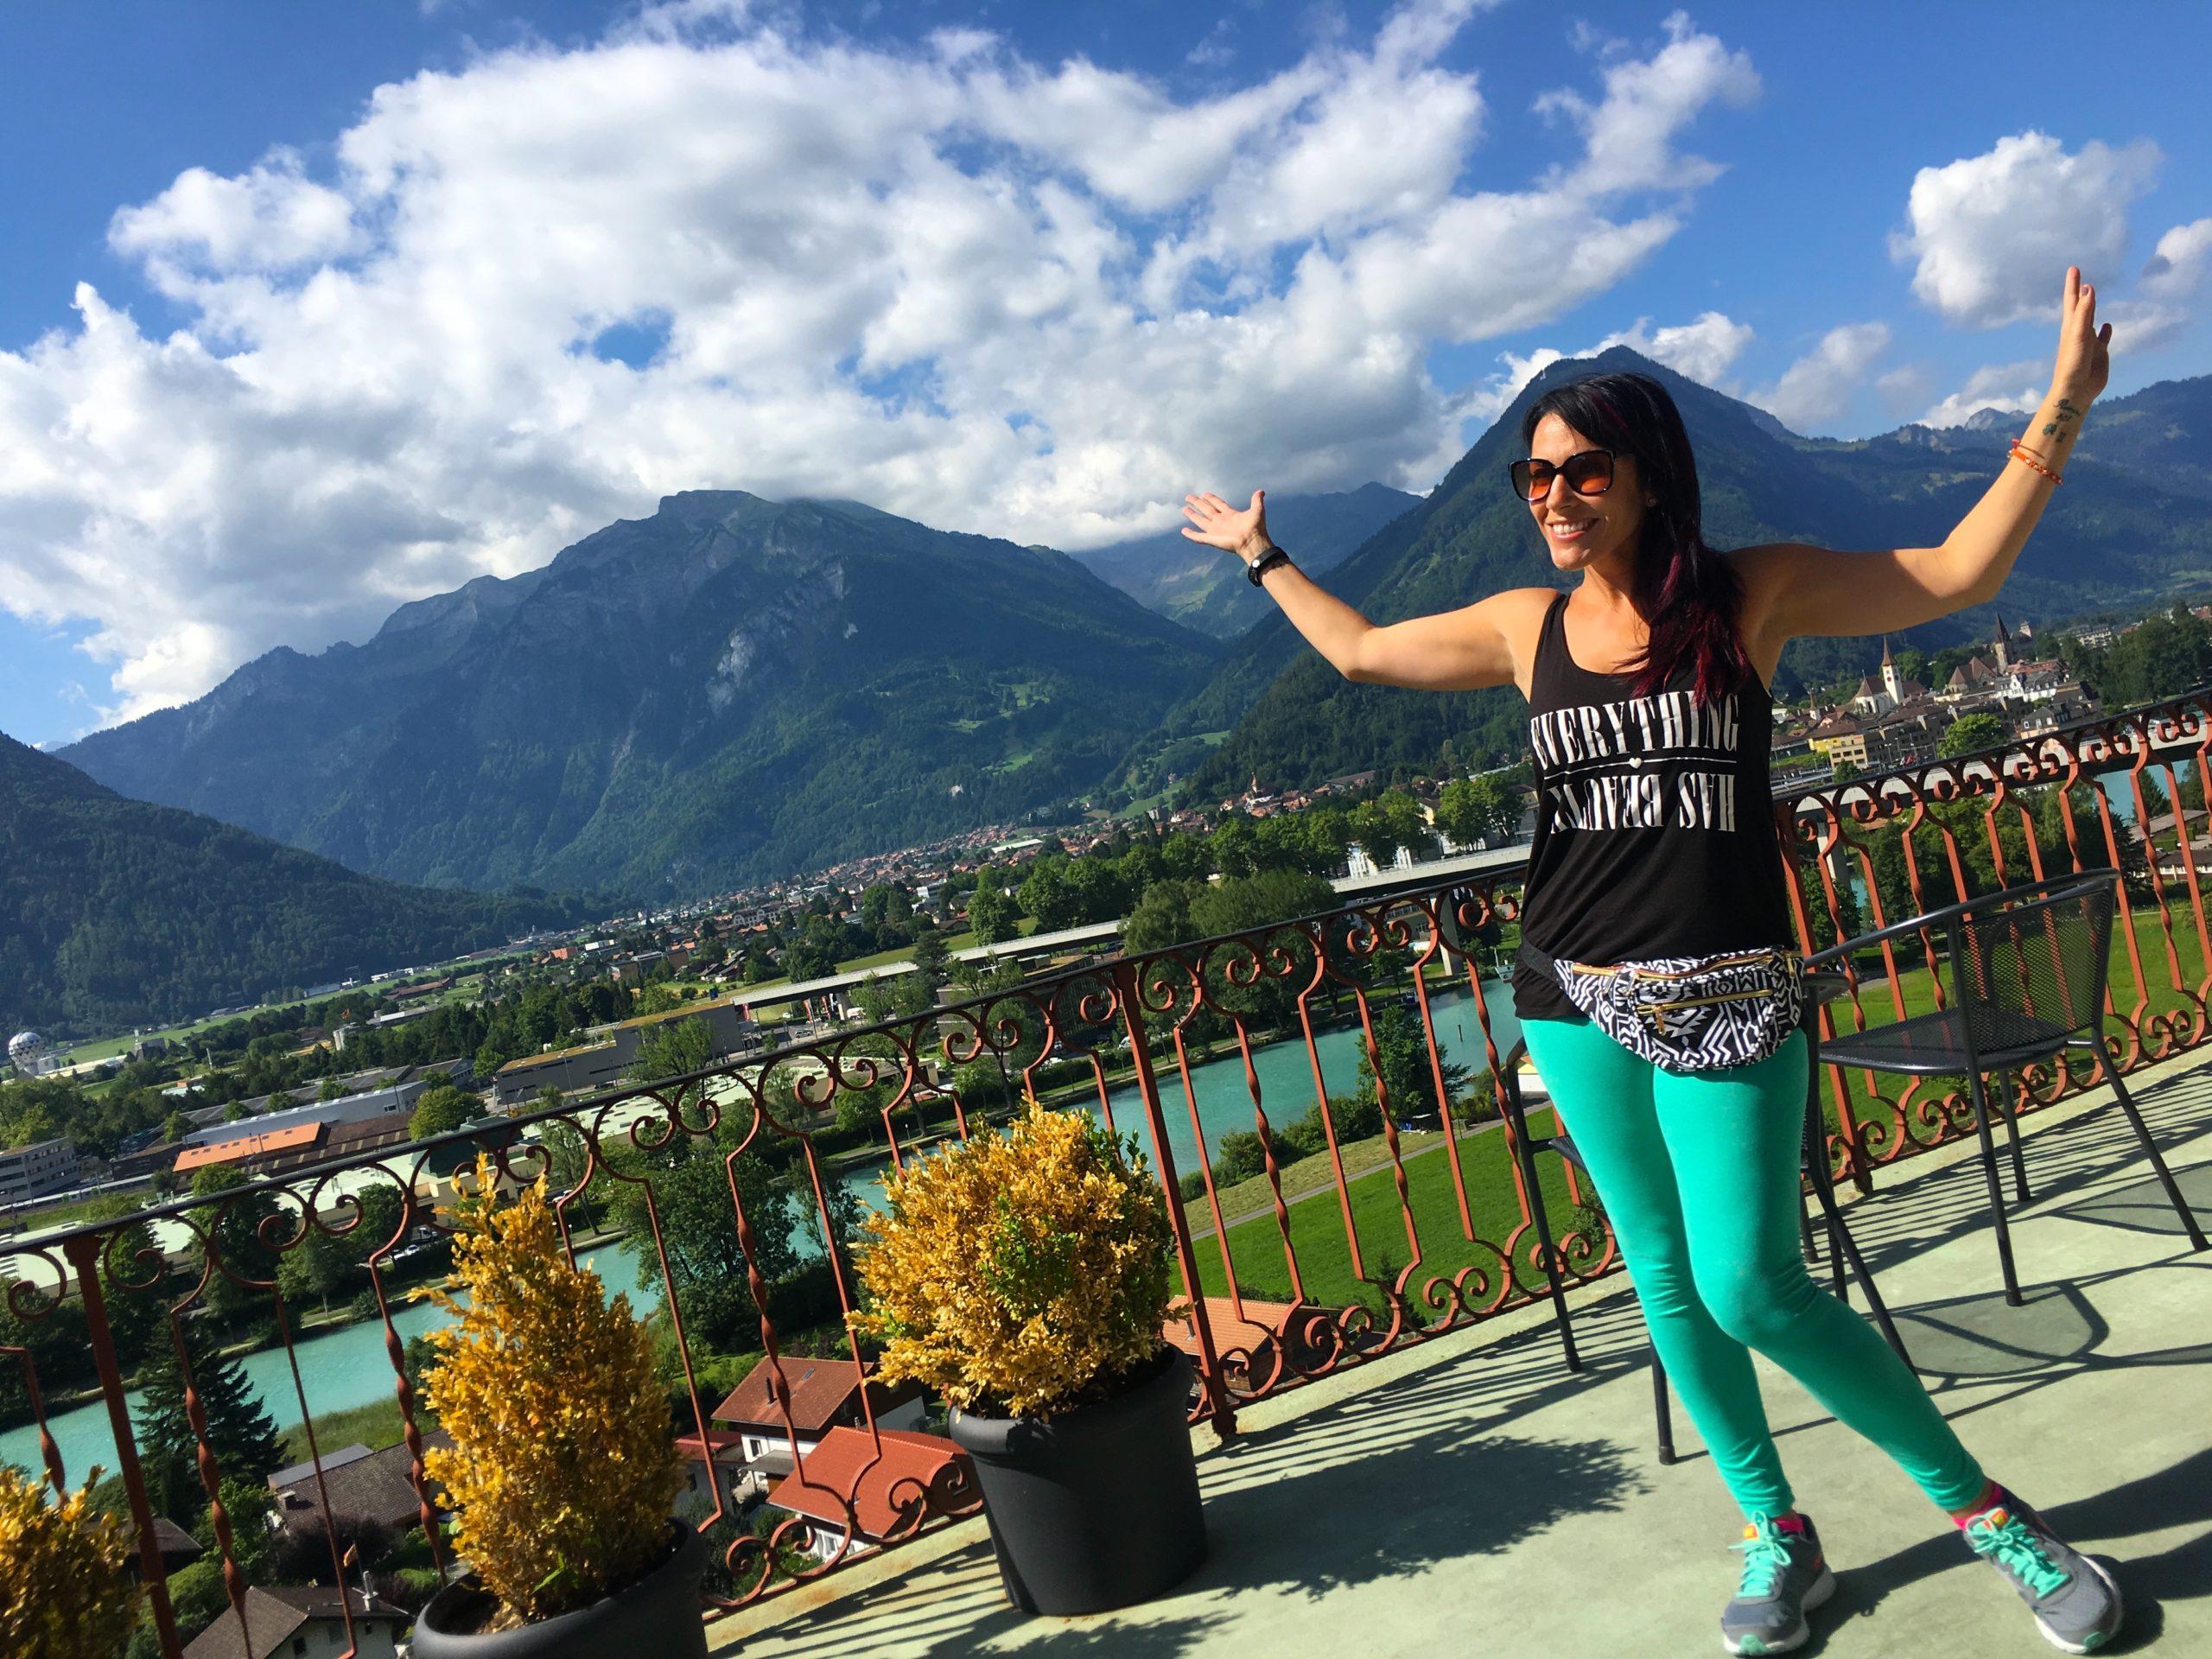 Gasthof Schoenegg view from breakfast balcony in Interlaken Switzerland